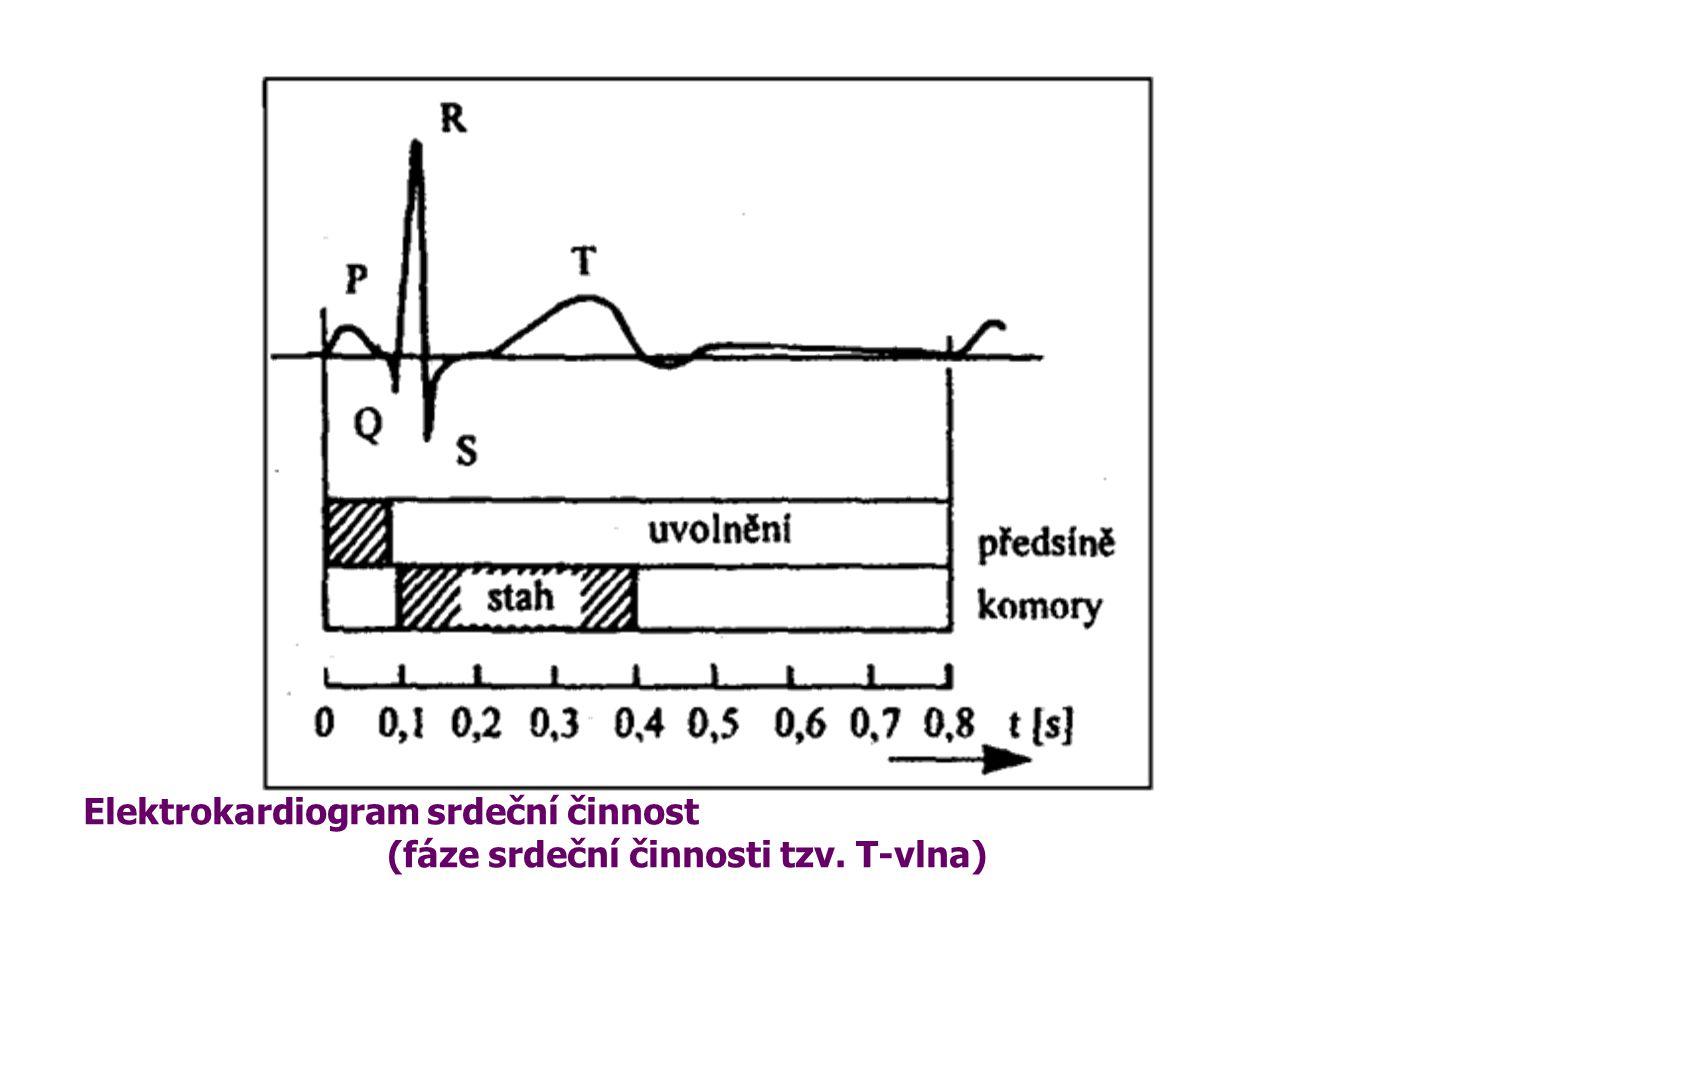 Elektrokardiogram srdeční činnost (fáze srdeční činnosti tzv. T-vlna)